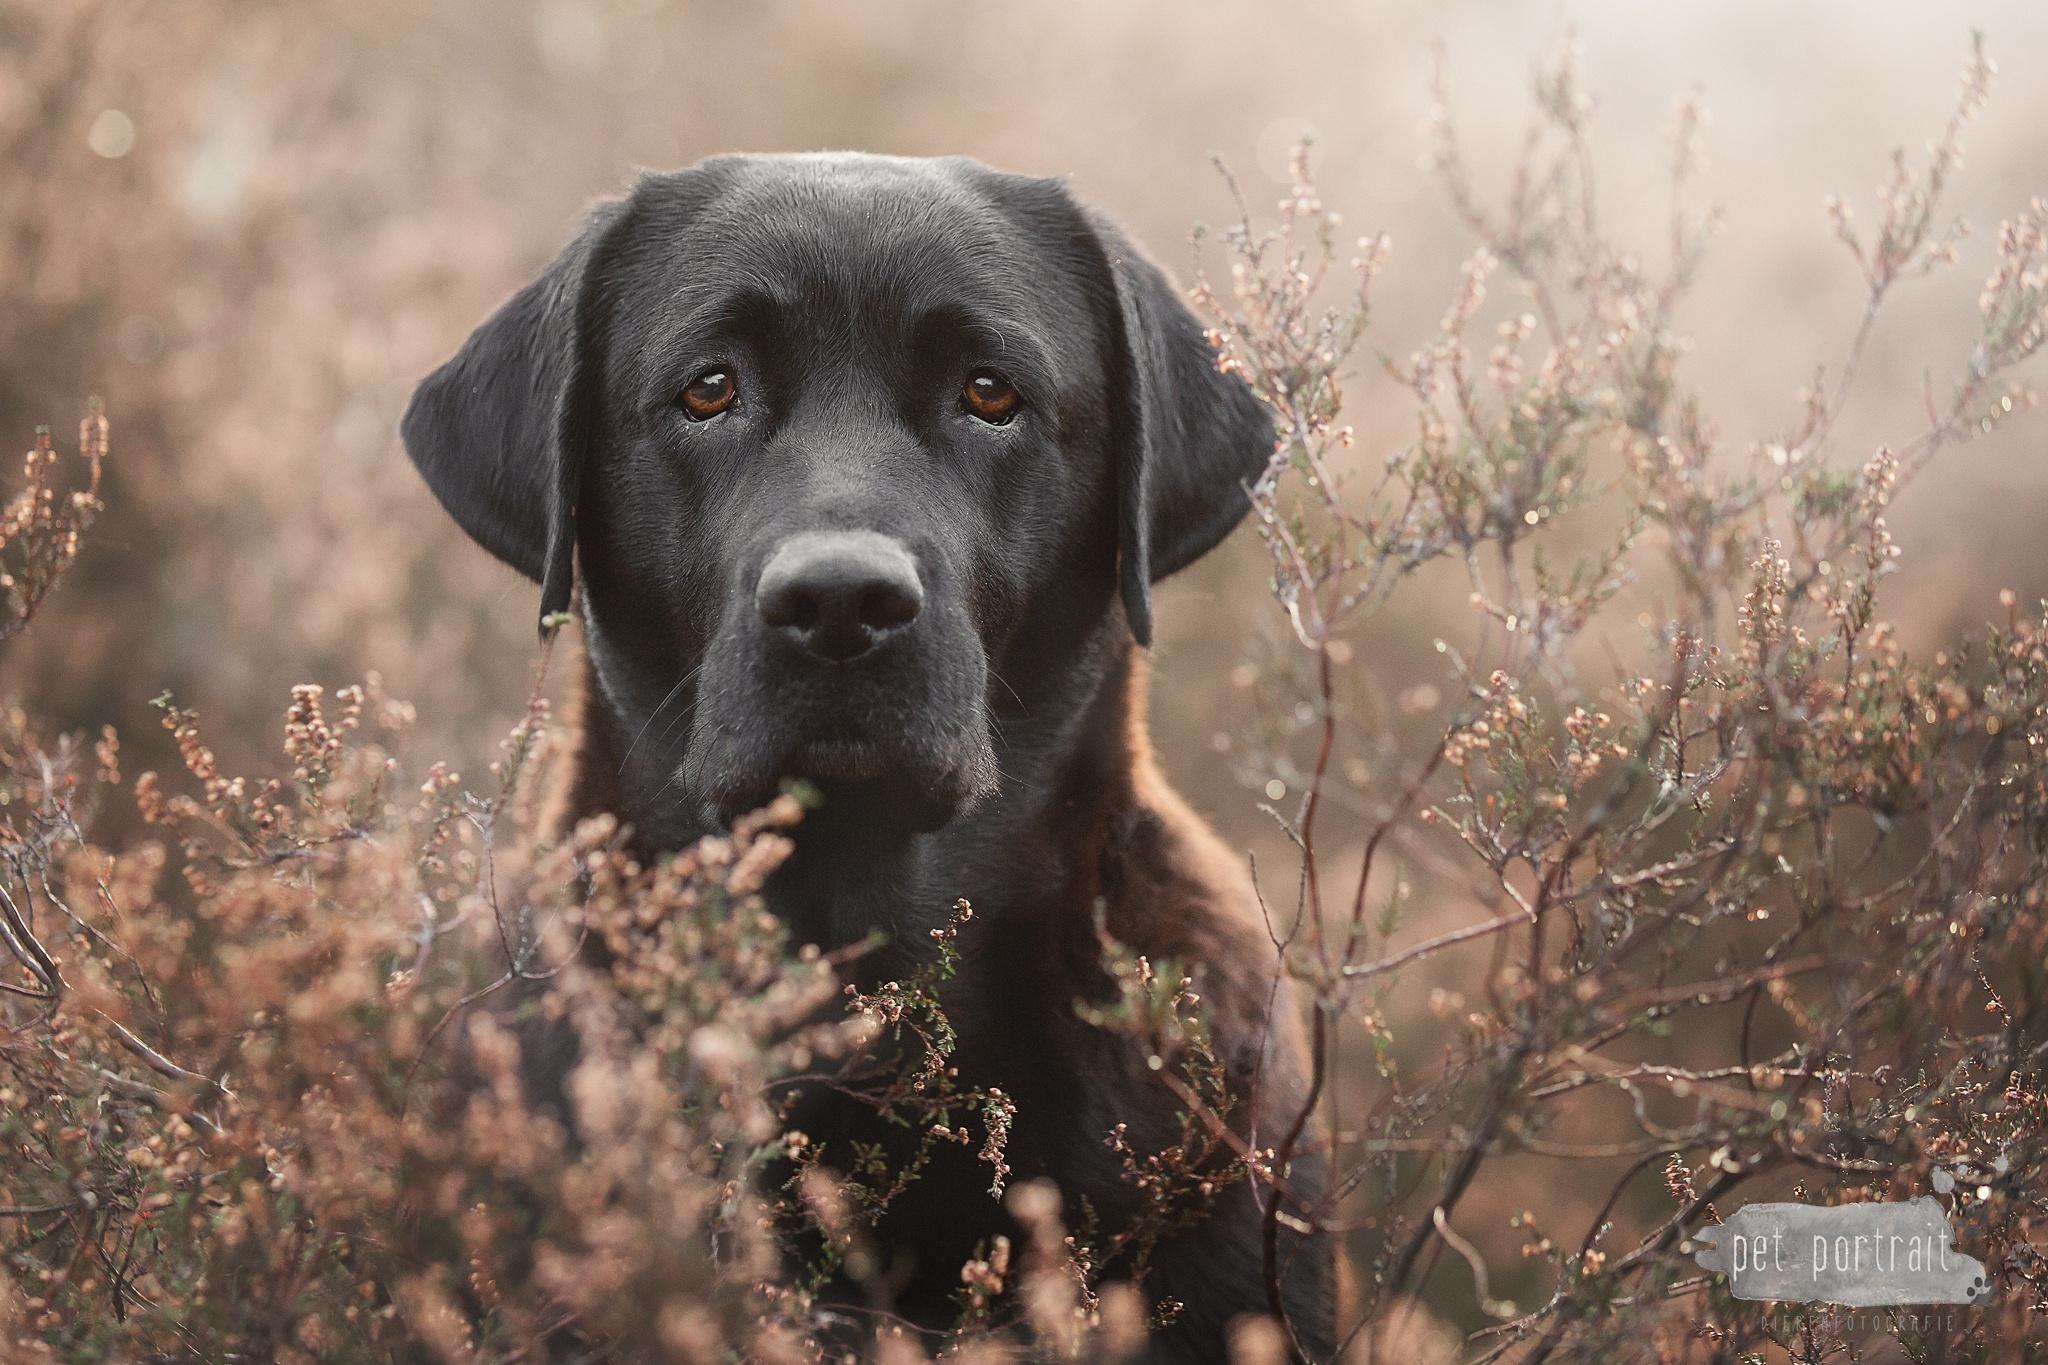 Workshop Dierenfotografie bij Pet Portrait